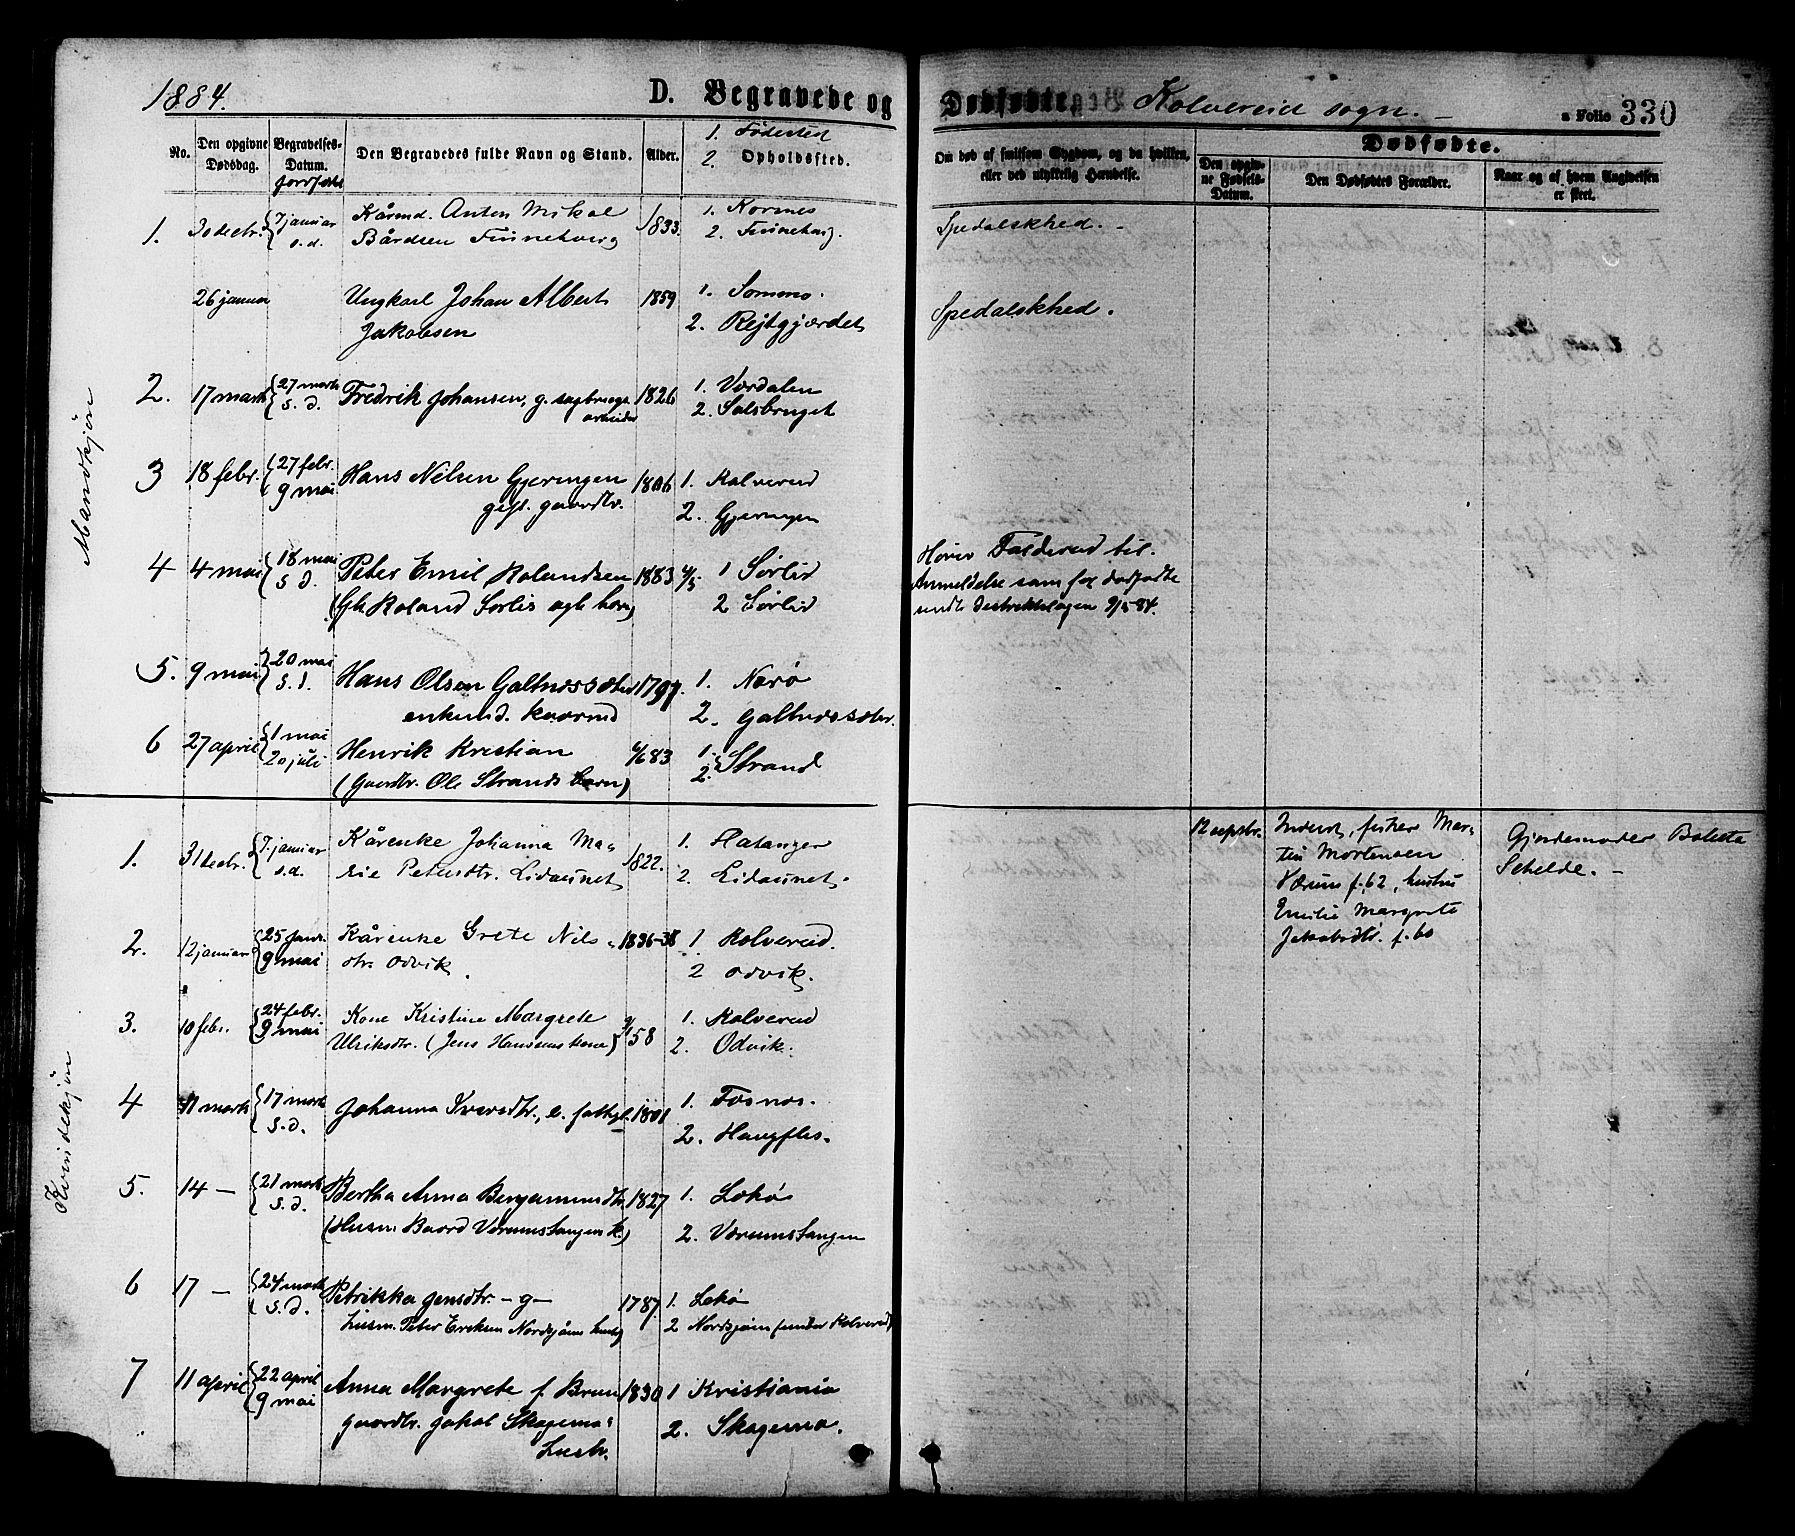 SAT, Ministerialprotokoller, klokkerbøker og fødselsregistre - Nord-Trøndelag, 780/L0642: Ministerialbok nr. 780A07 /1, 1874-1885, s. 330